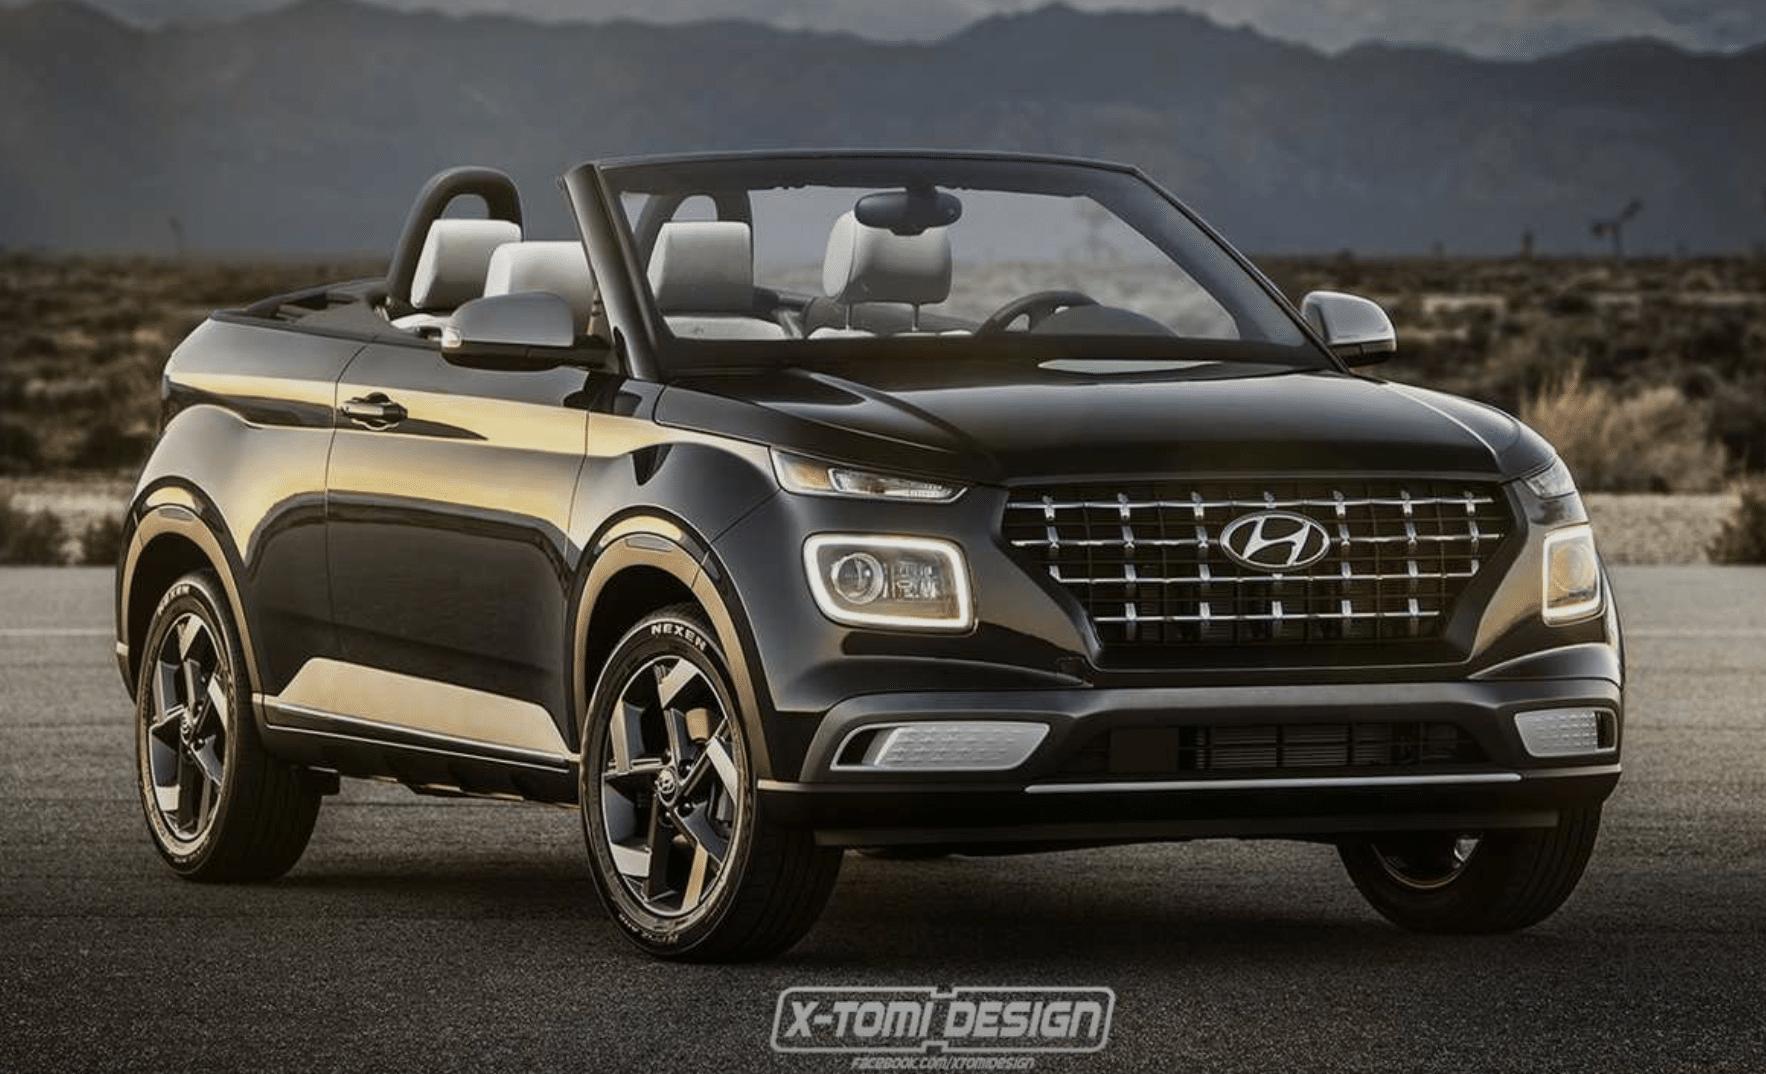 Hyundai Venue Cabriolet Rendering